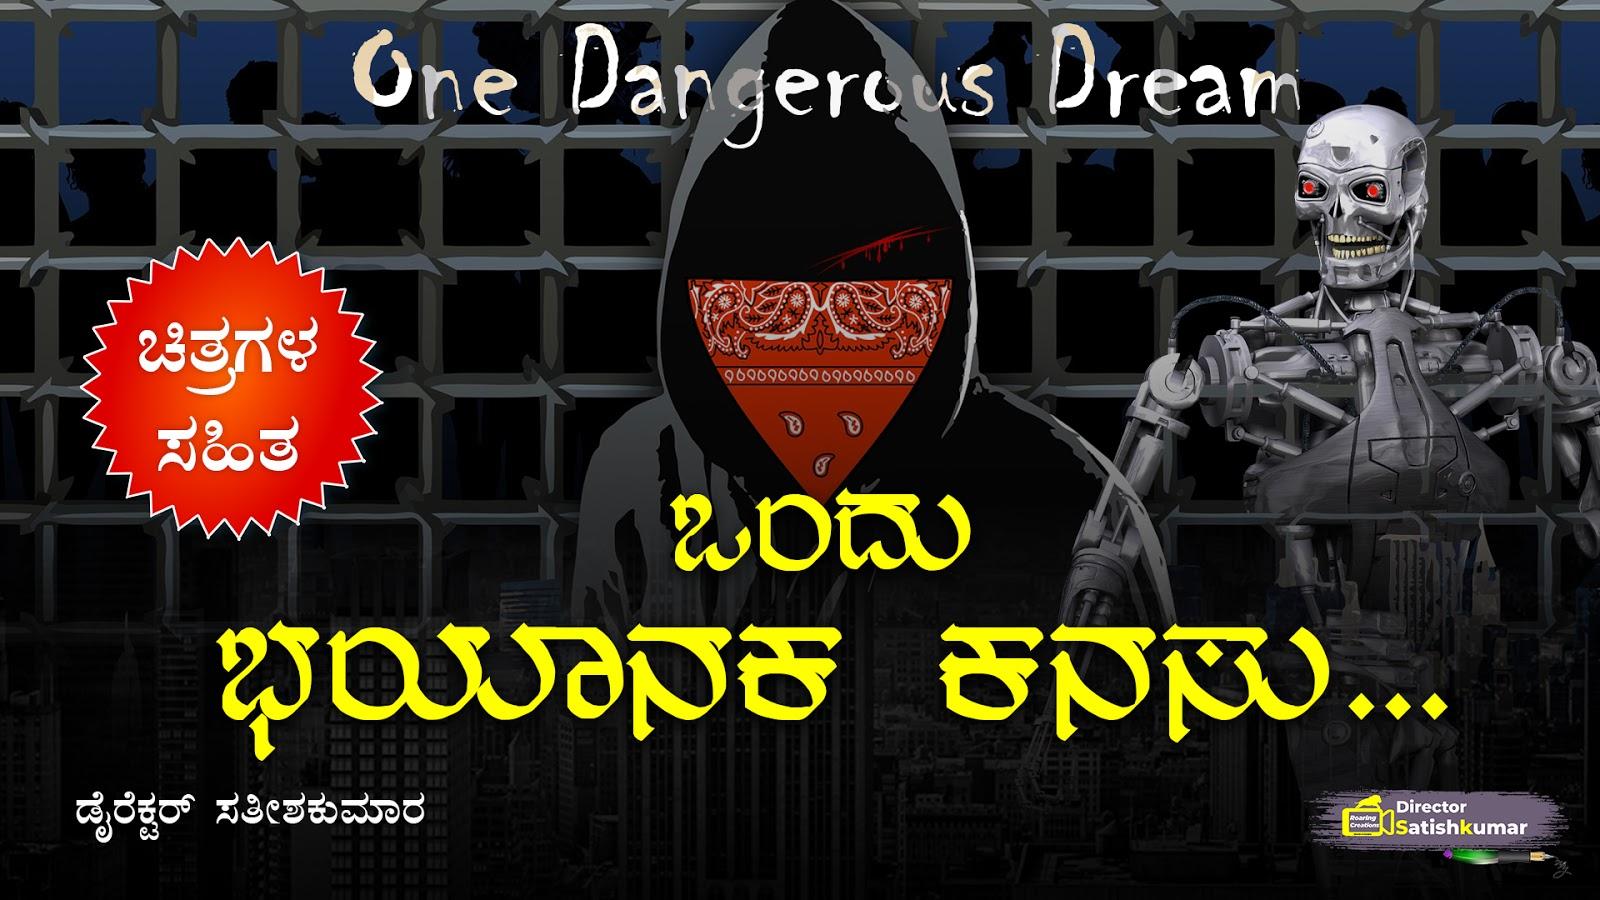 ಒಂದು ಭಯಾನಕ ಕನಸು... One Dangerous Dream   Kannada Social Message Story